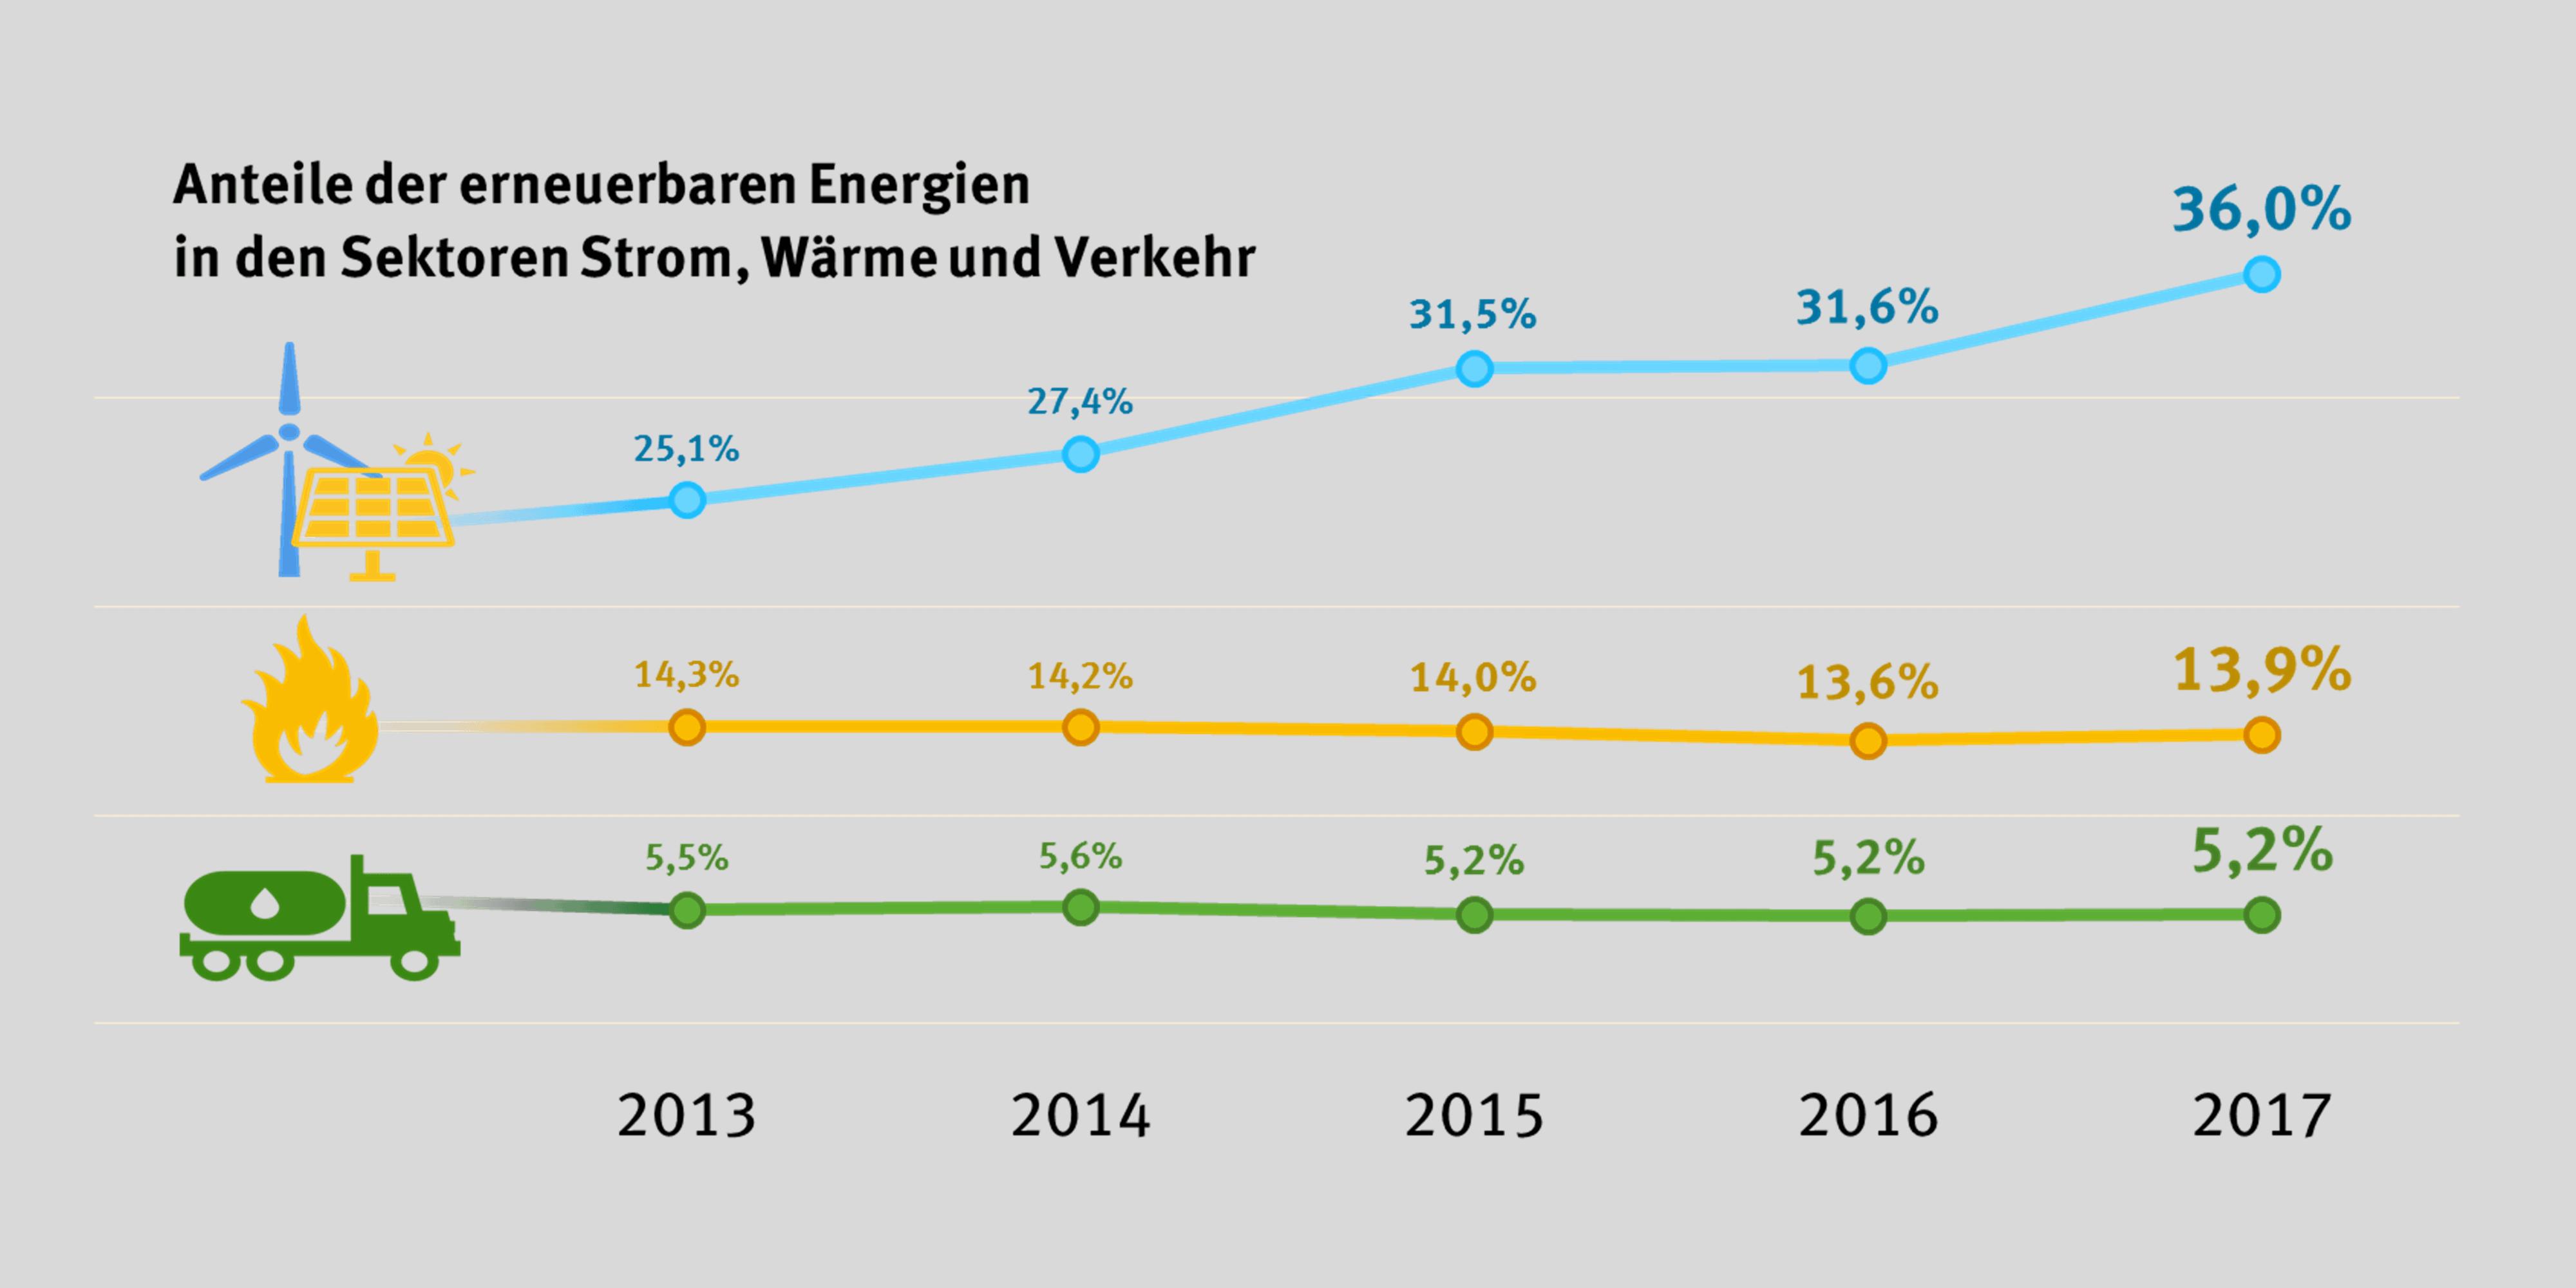 Erneuerbare Energien Anteile in Sektoren